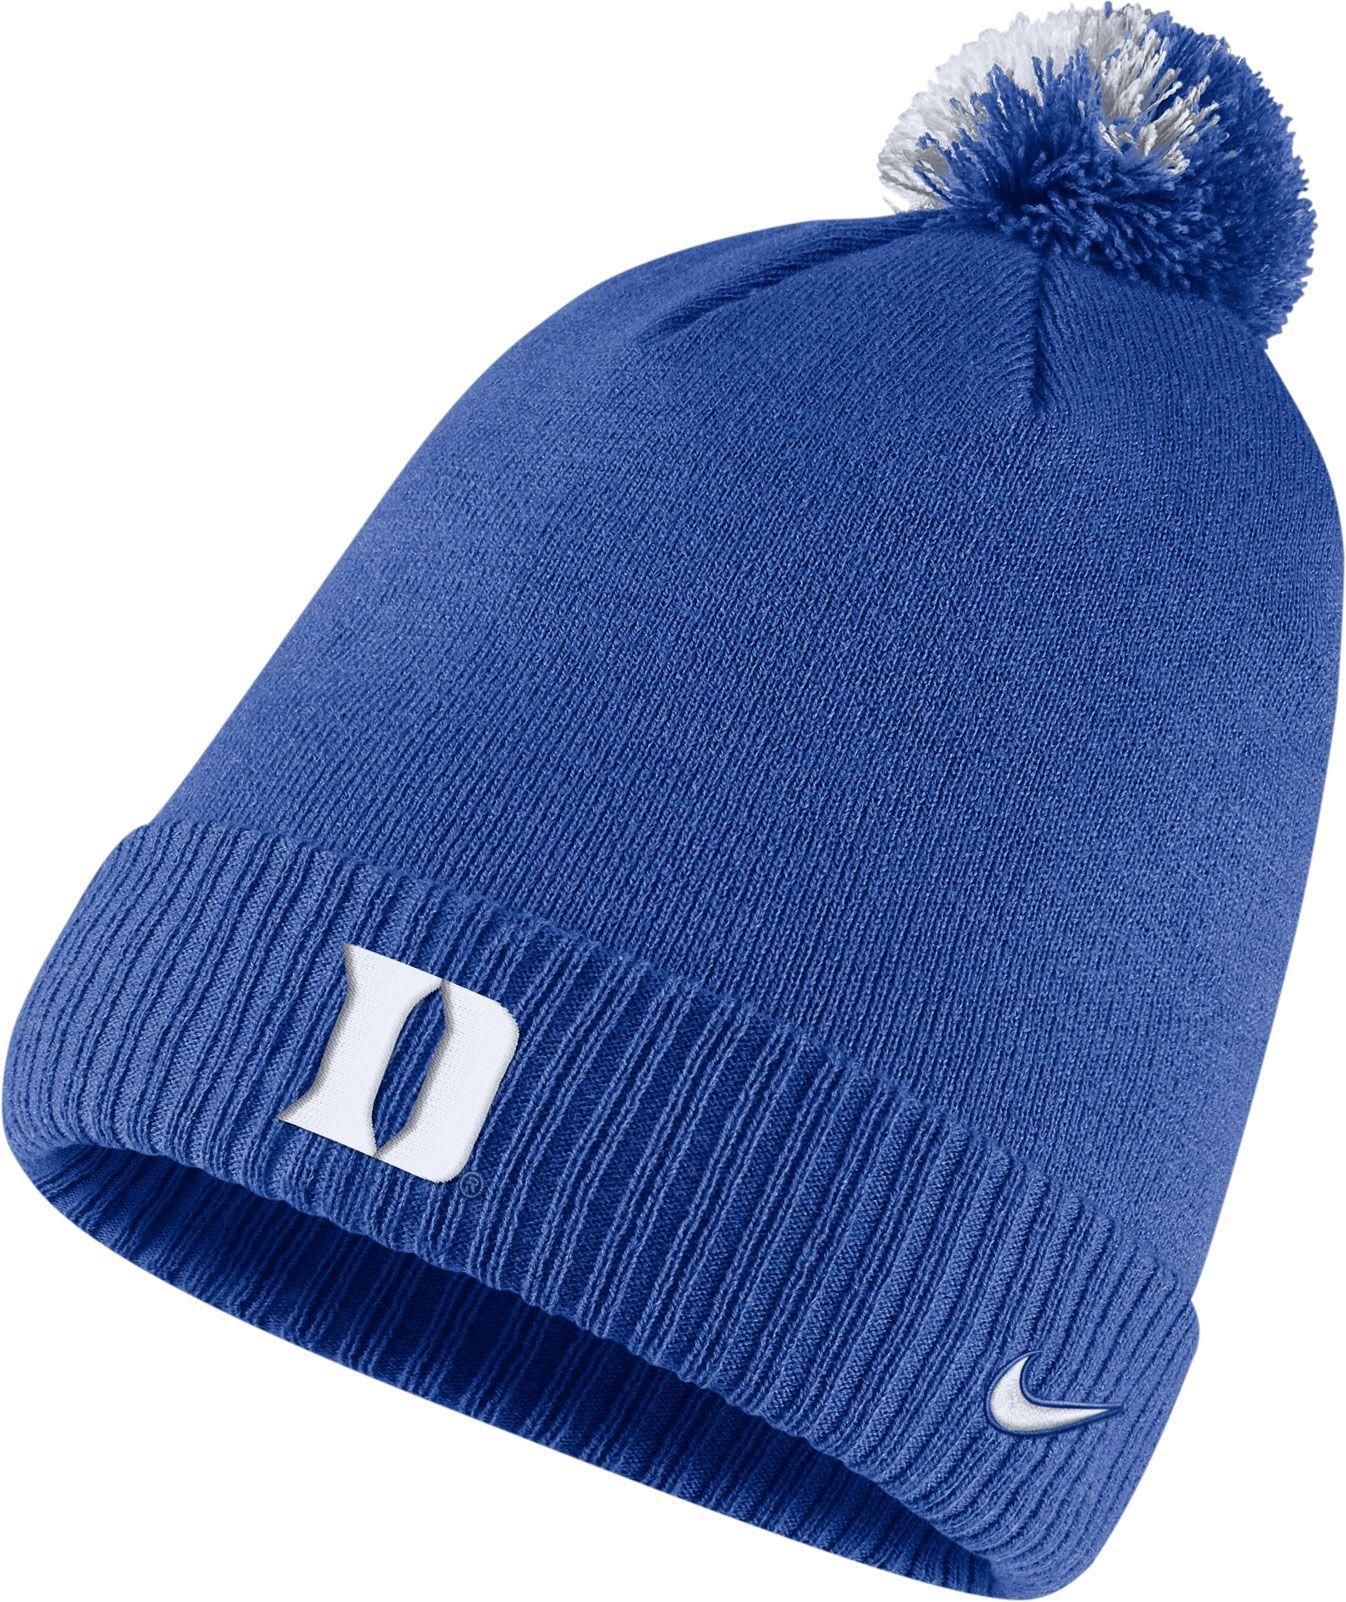 b627111b987 Nike Men s Duke Blue Devils Duke Blue Football Sideline Pom Beanie ...